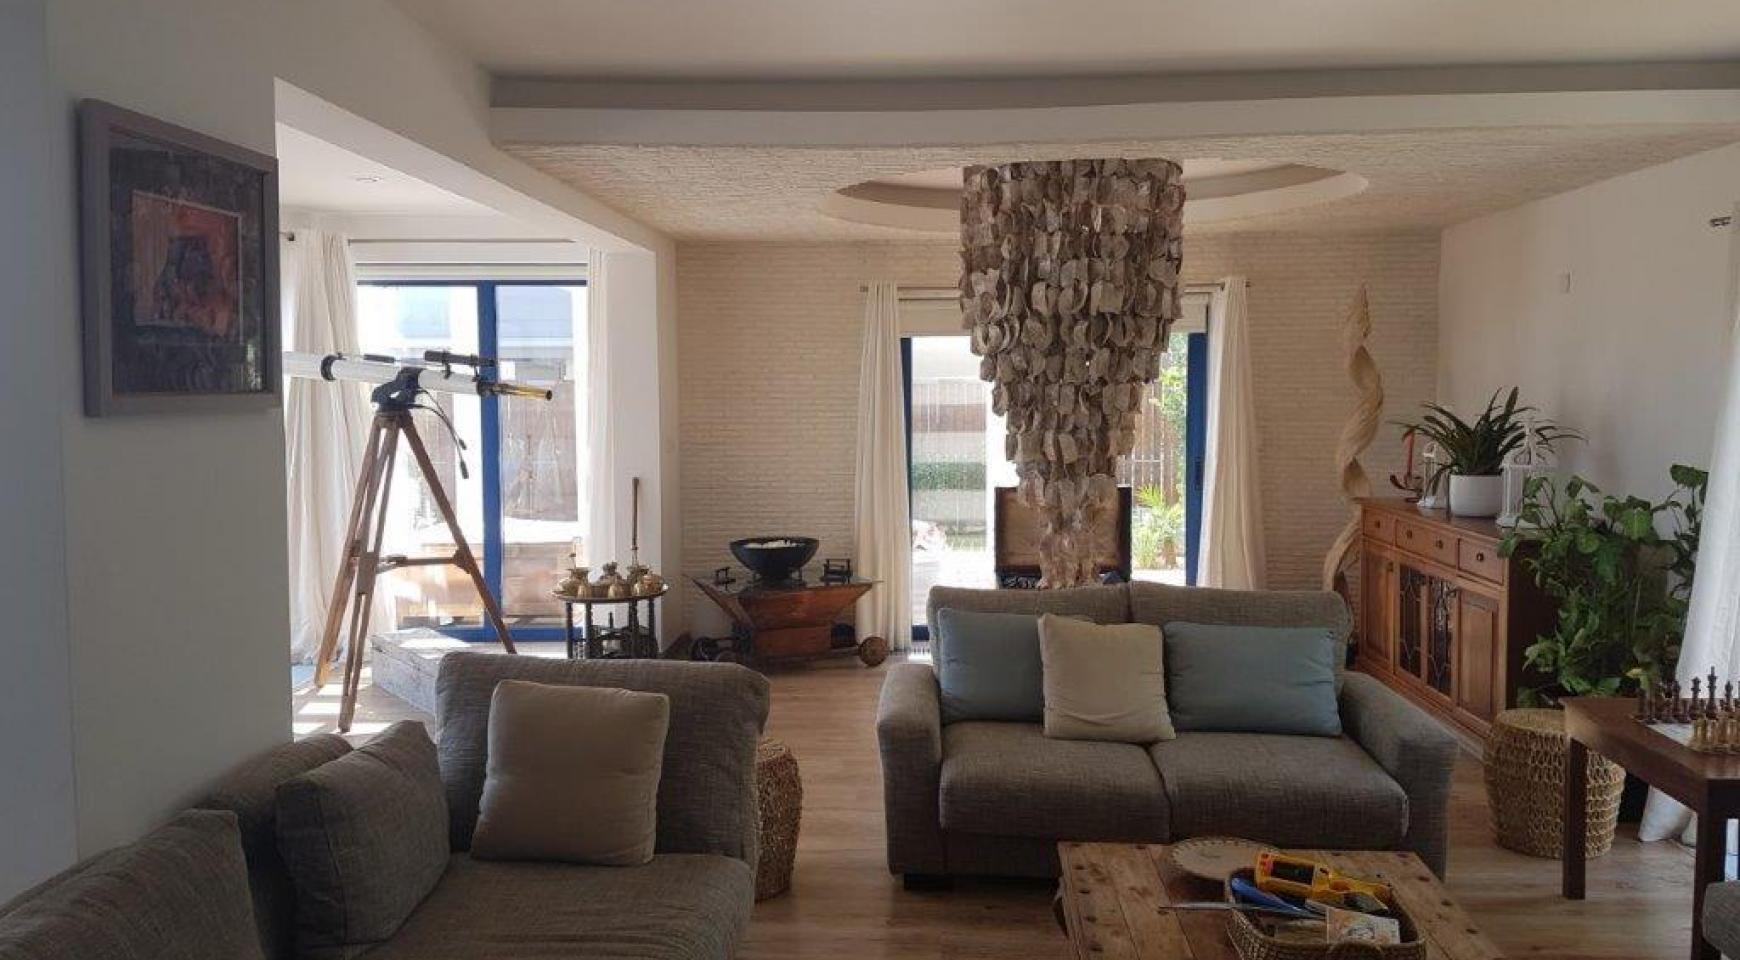 5 Bedroom Villa with Sea Views in Agios Tychonas Area - 10